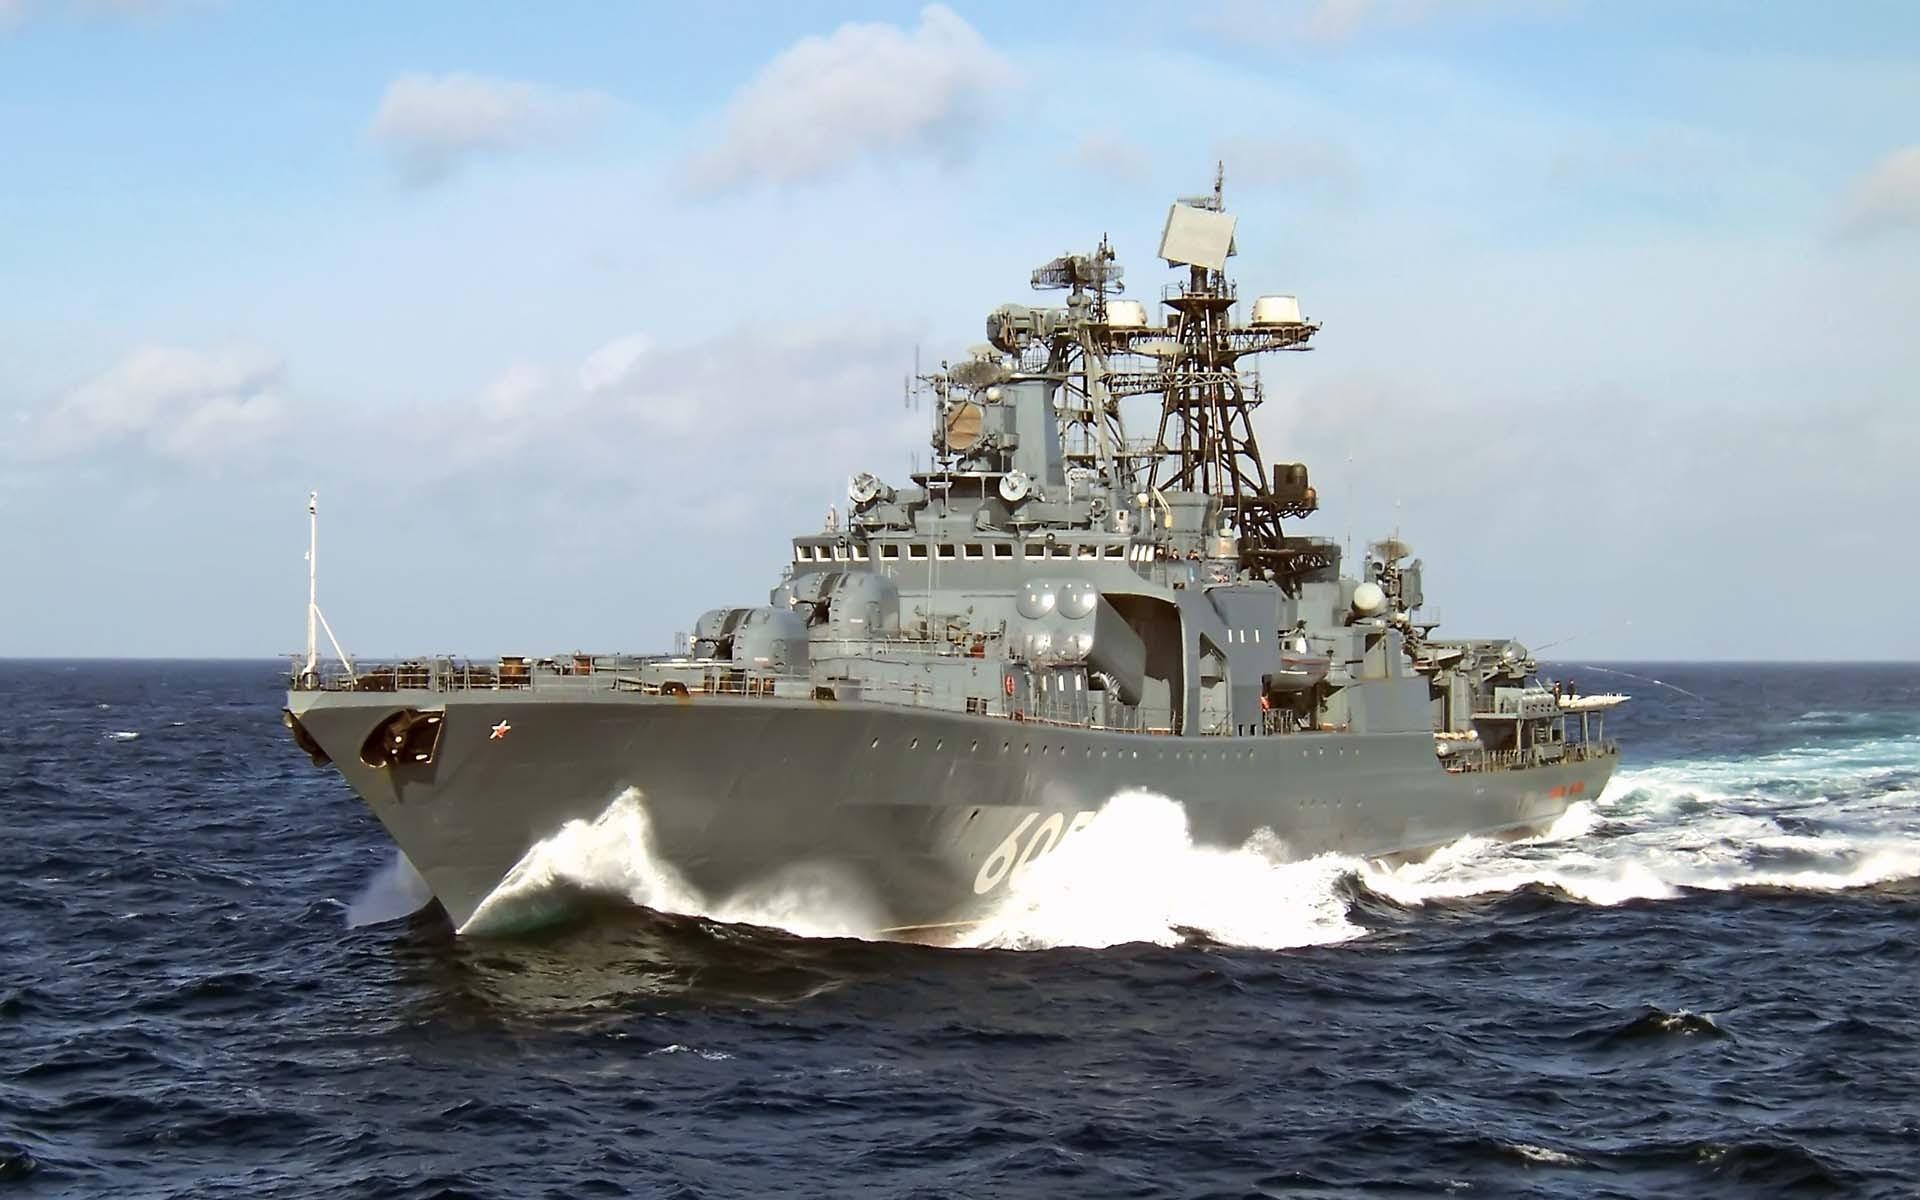 успехом картинки про военных кораблей группа для